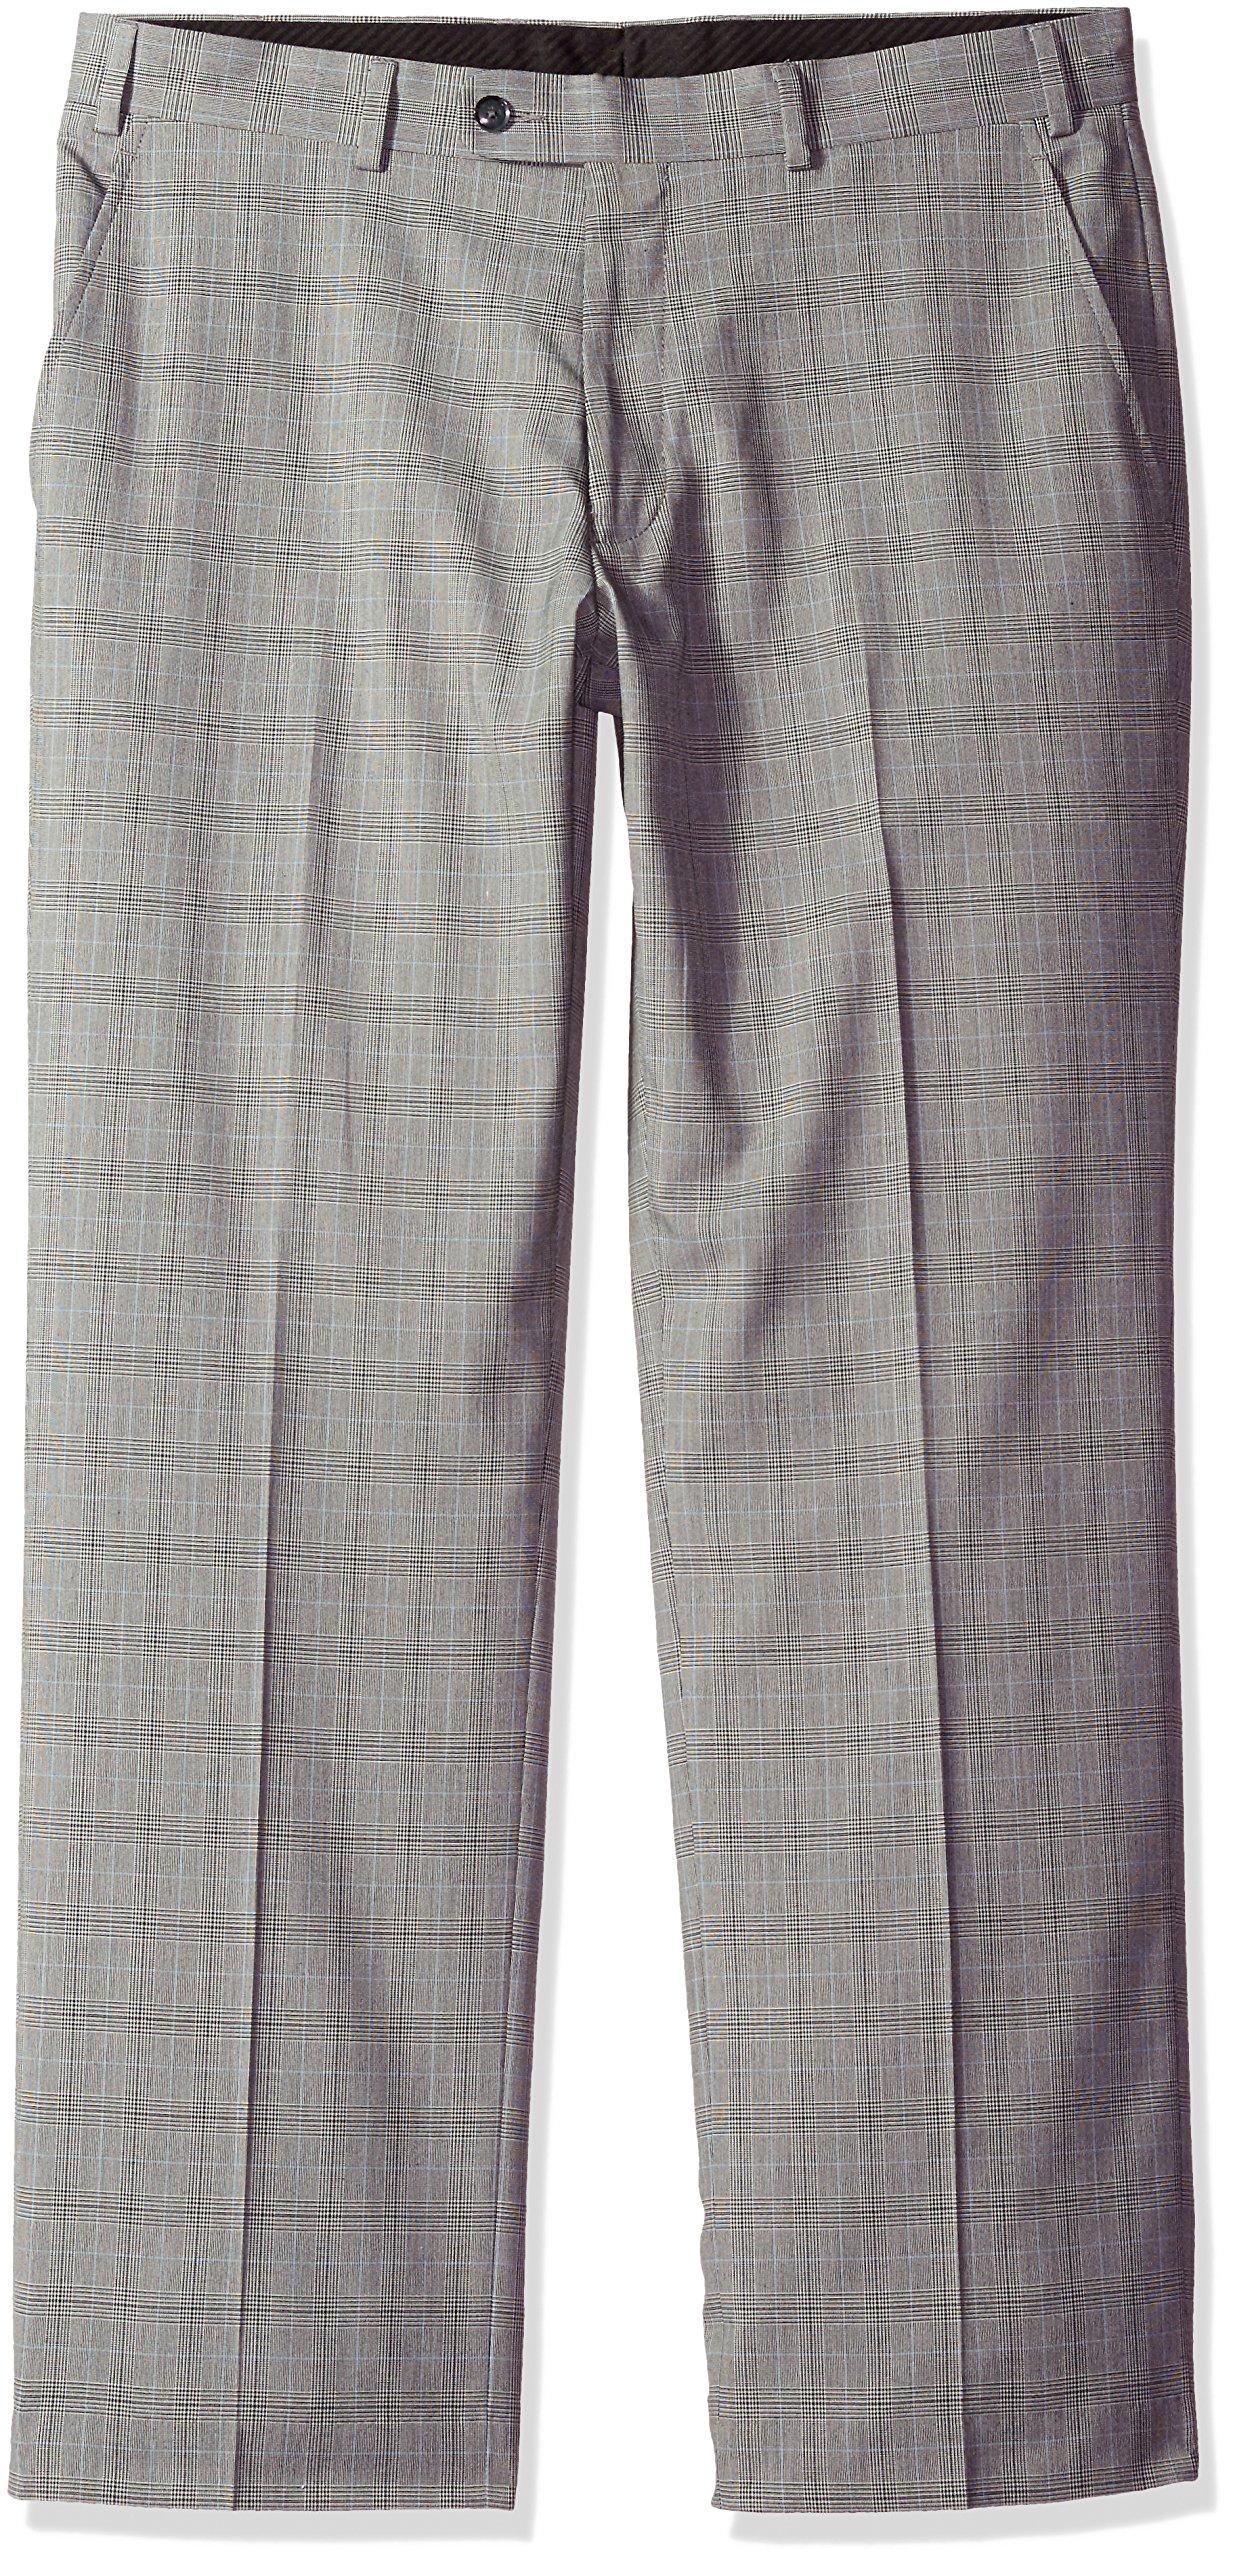 Perry Ellis Men's Modern Fit Suit Separate (Blazer, Pant, and Vest), Grey Plaid Pant, 44W x 32L